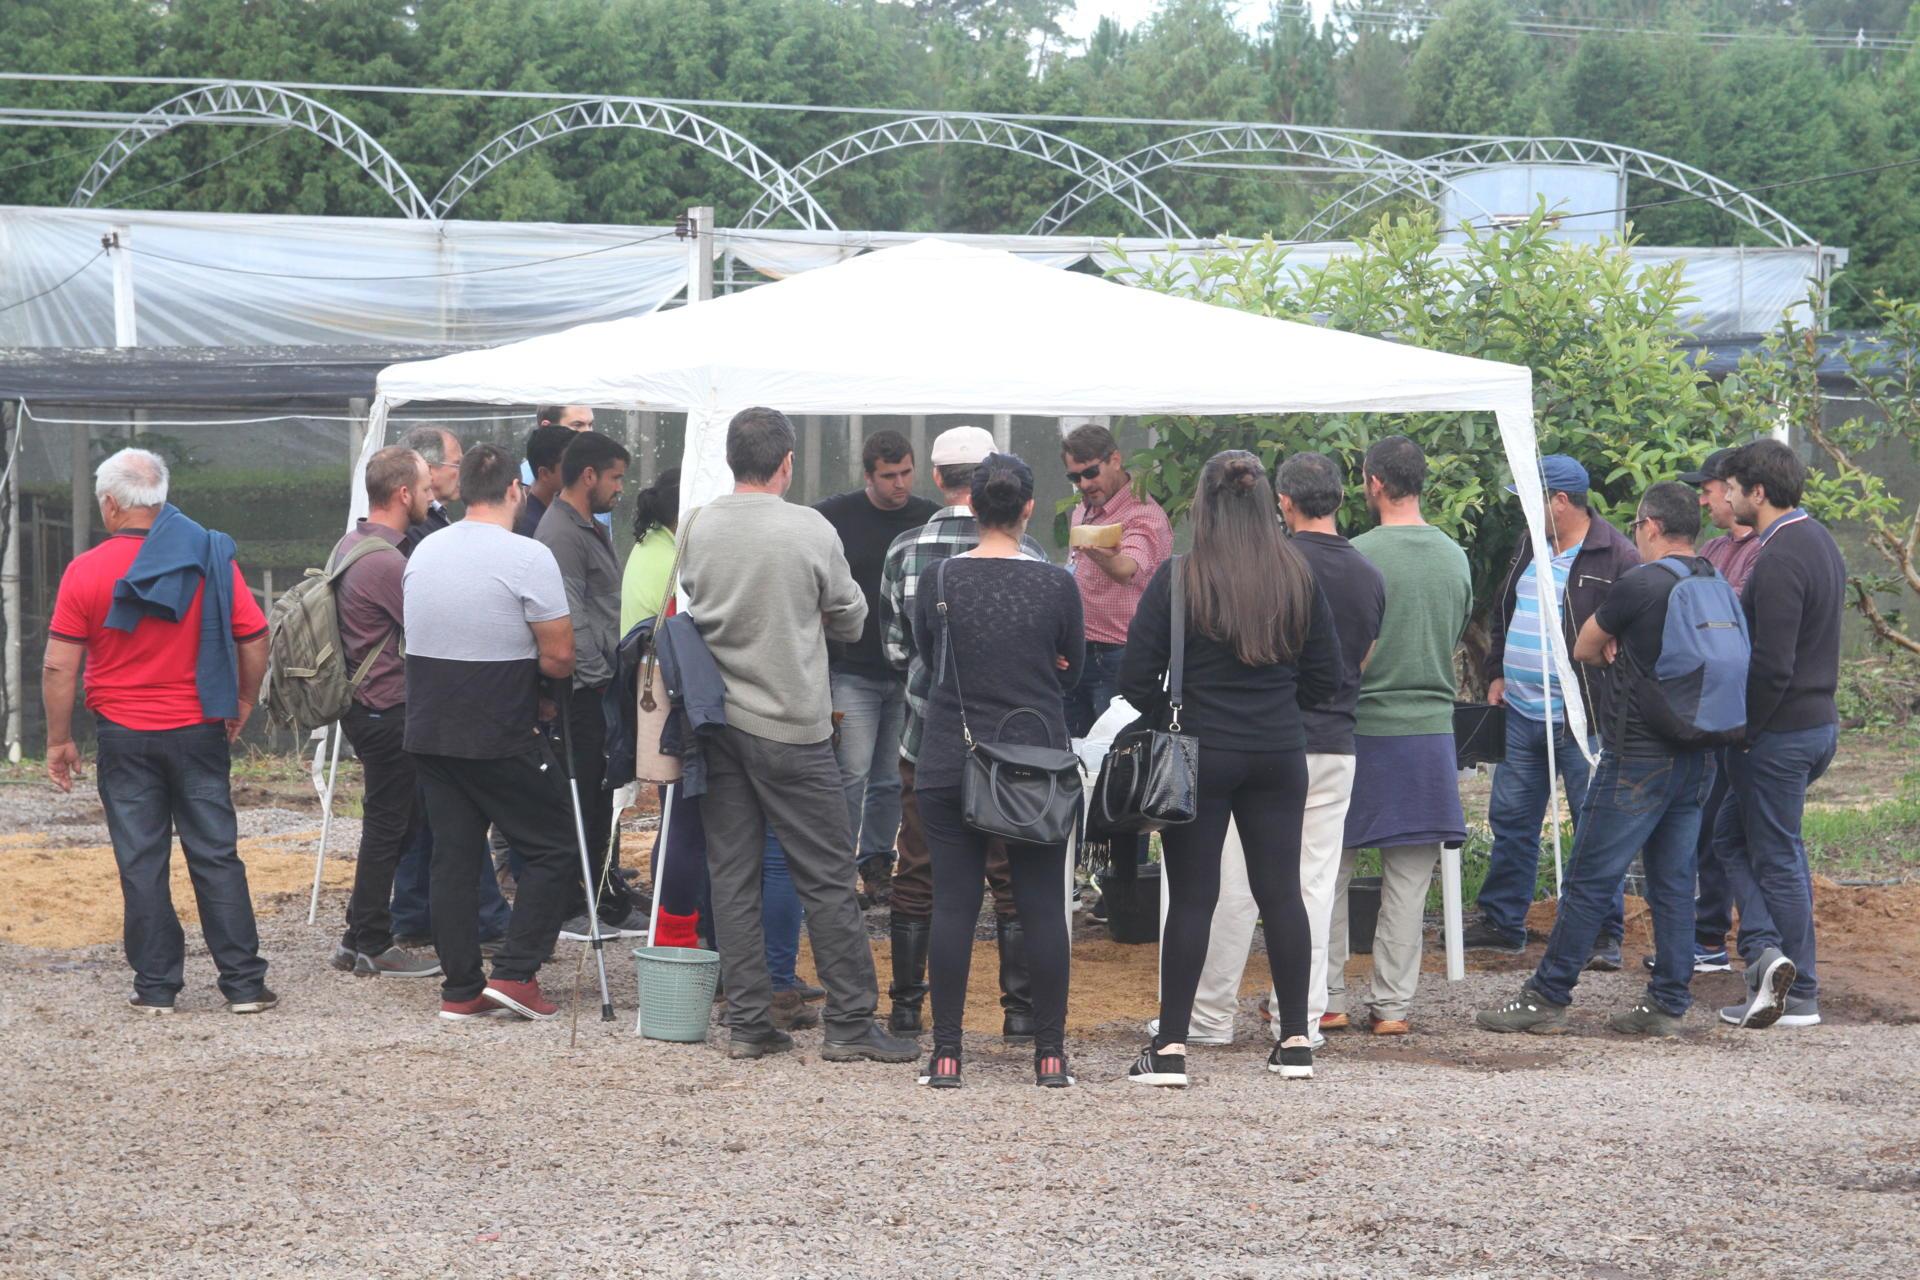 Na foto, grupo de pessoas, de costas, embaixo de estufa, prestam atenção a explicação de palestrante